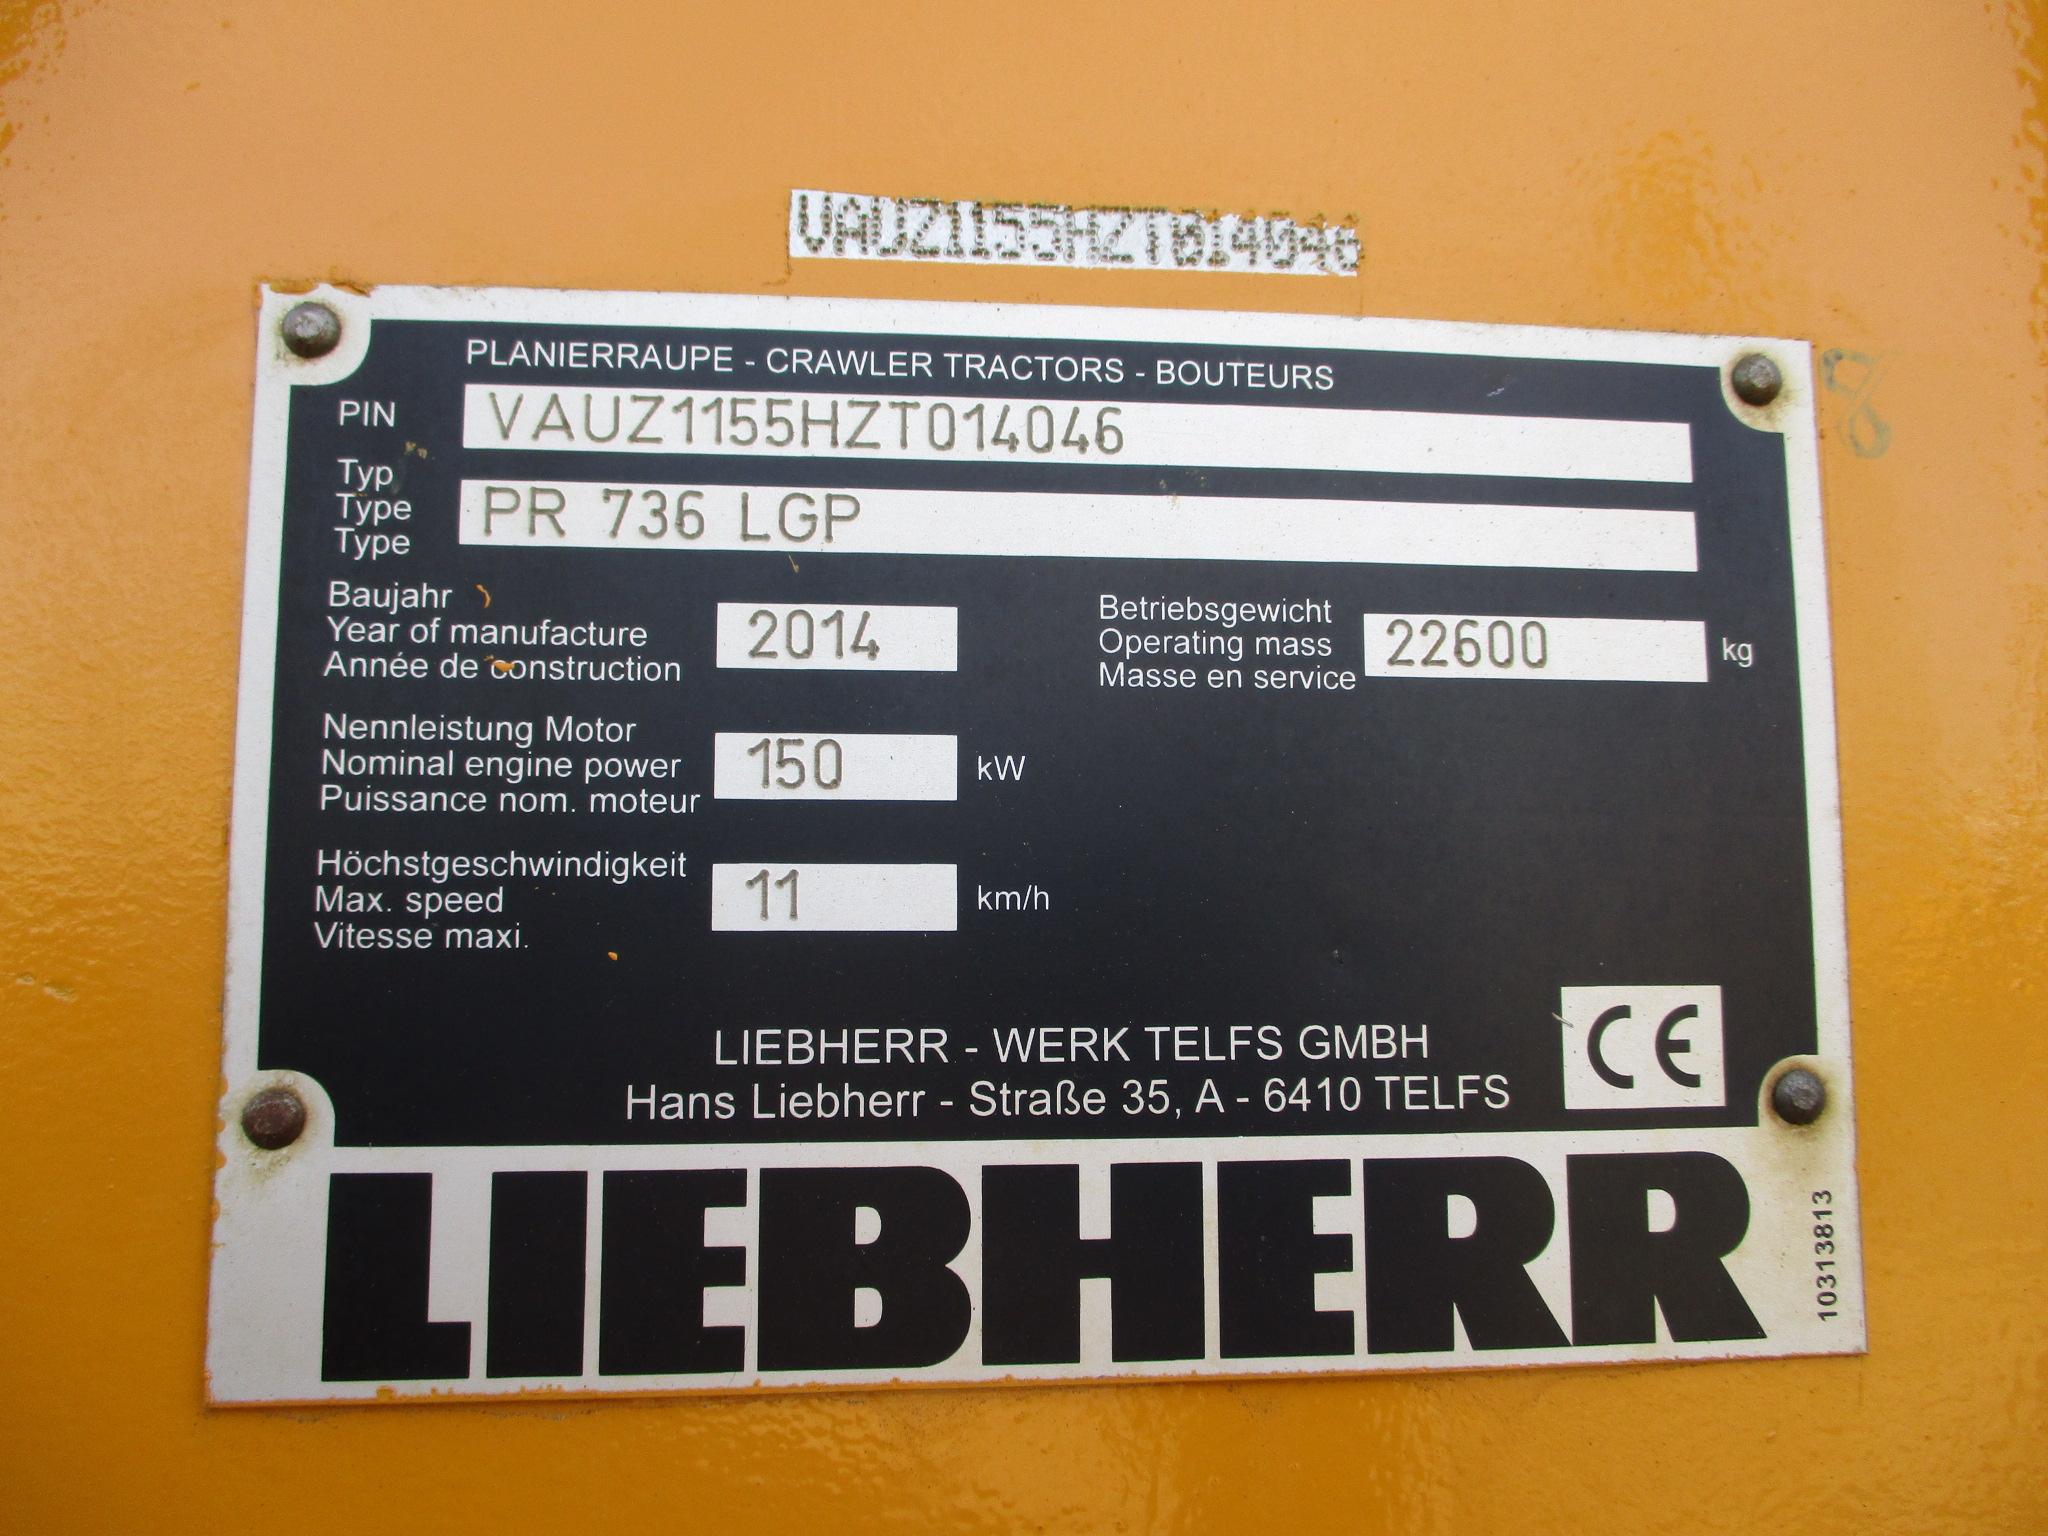 PR736 LGP LI-1155-14046_009.JPG